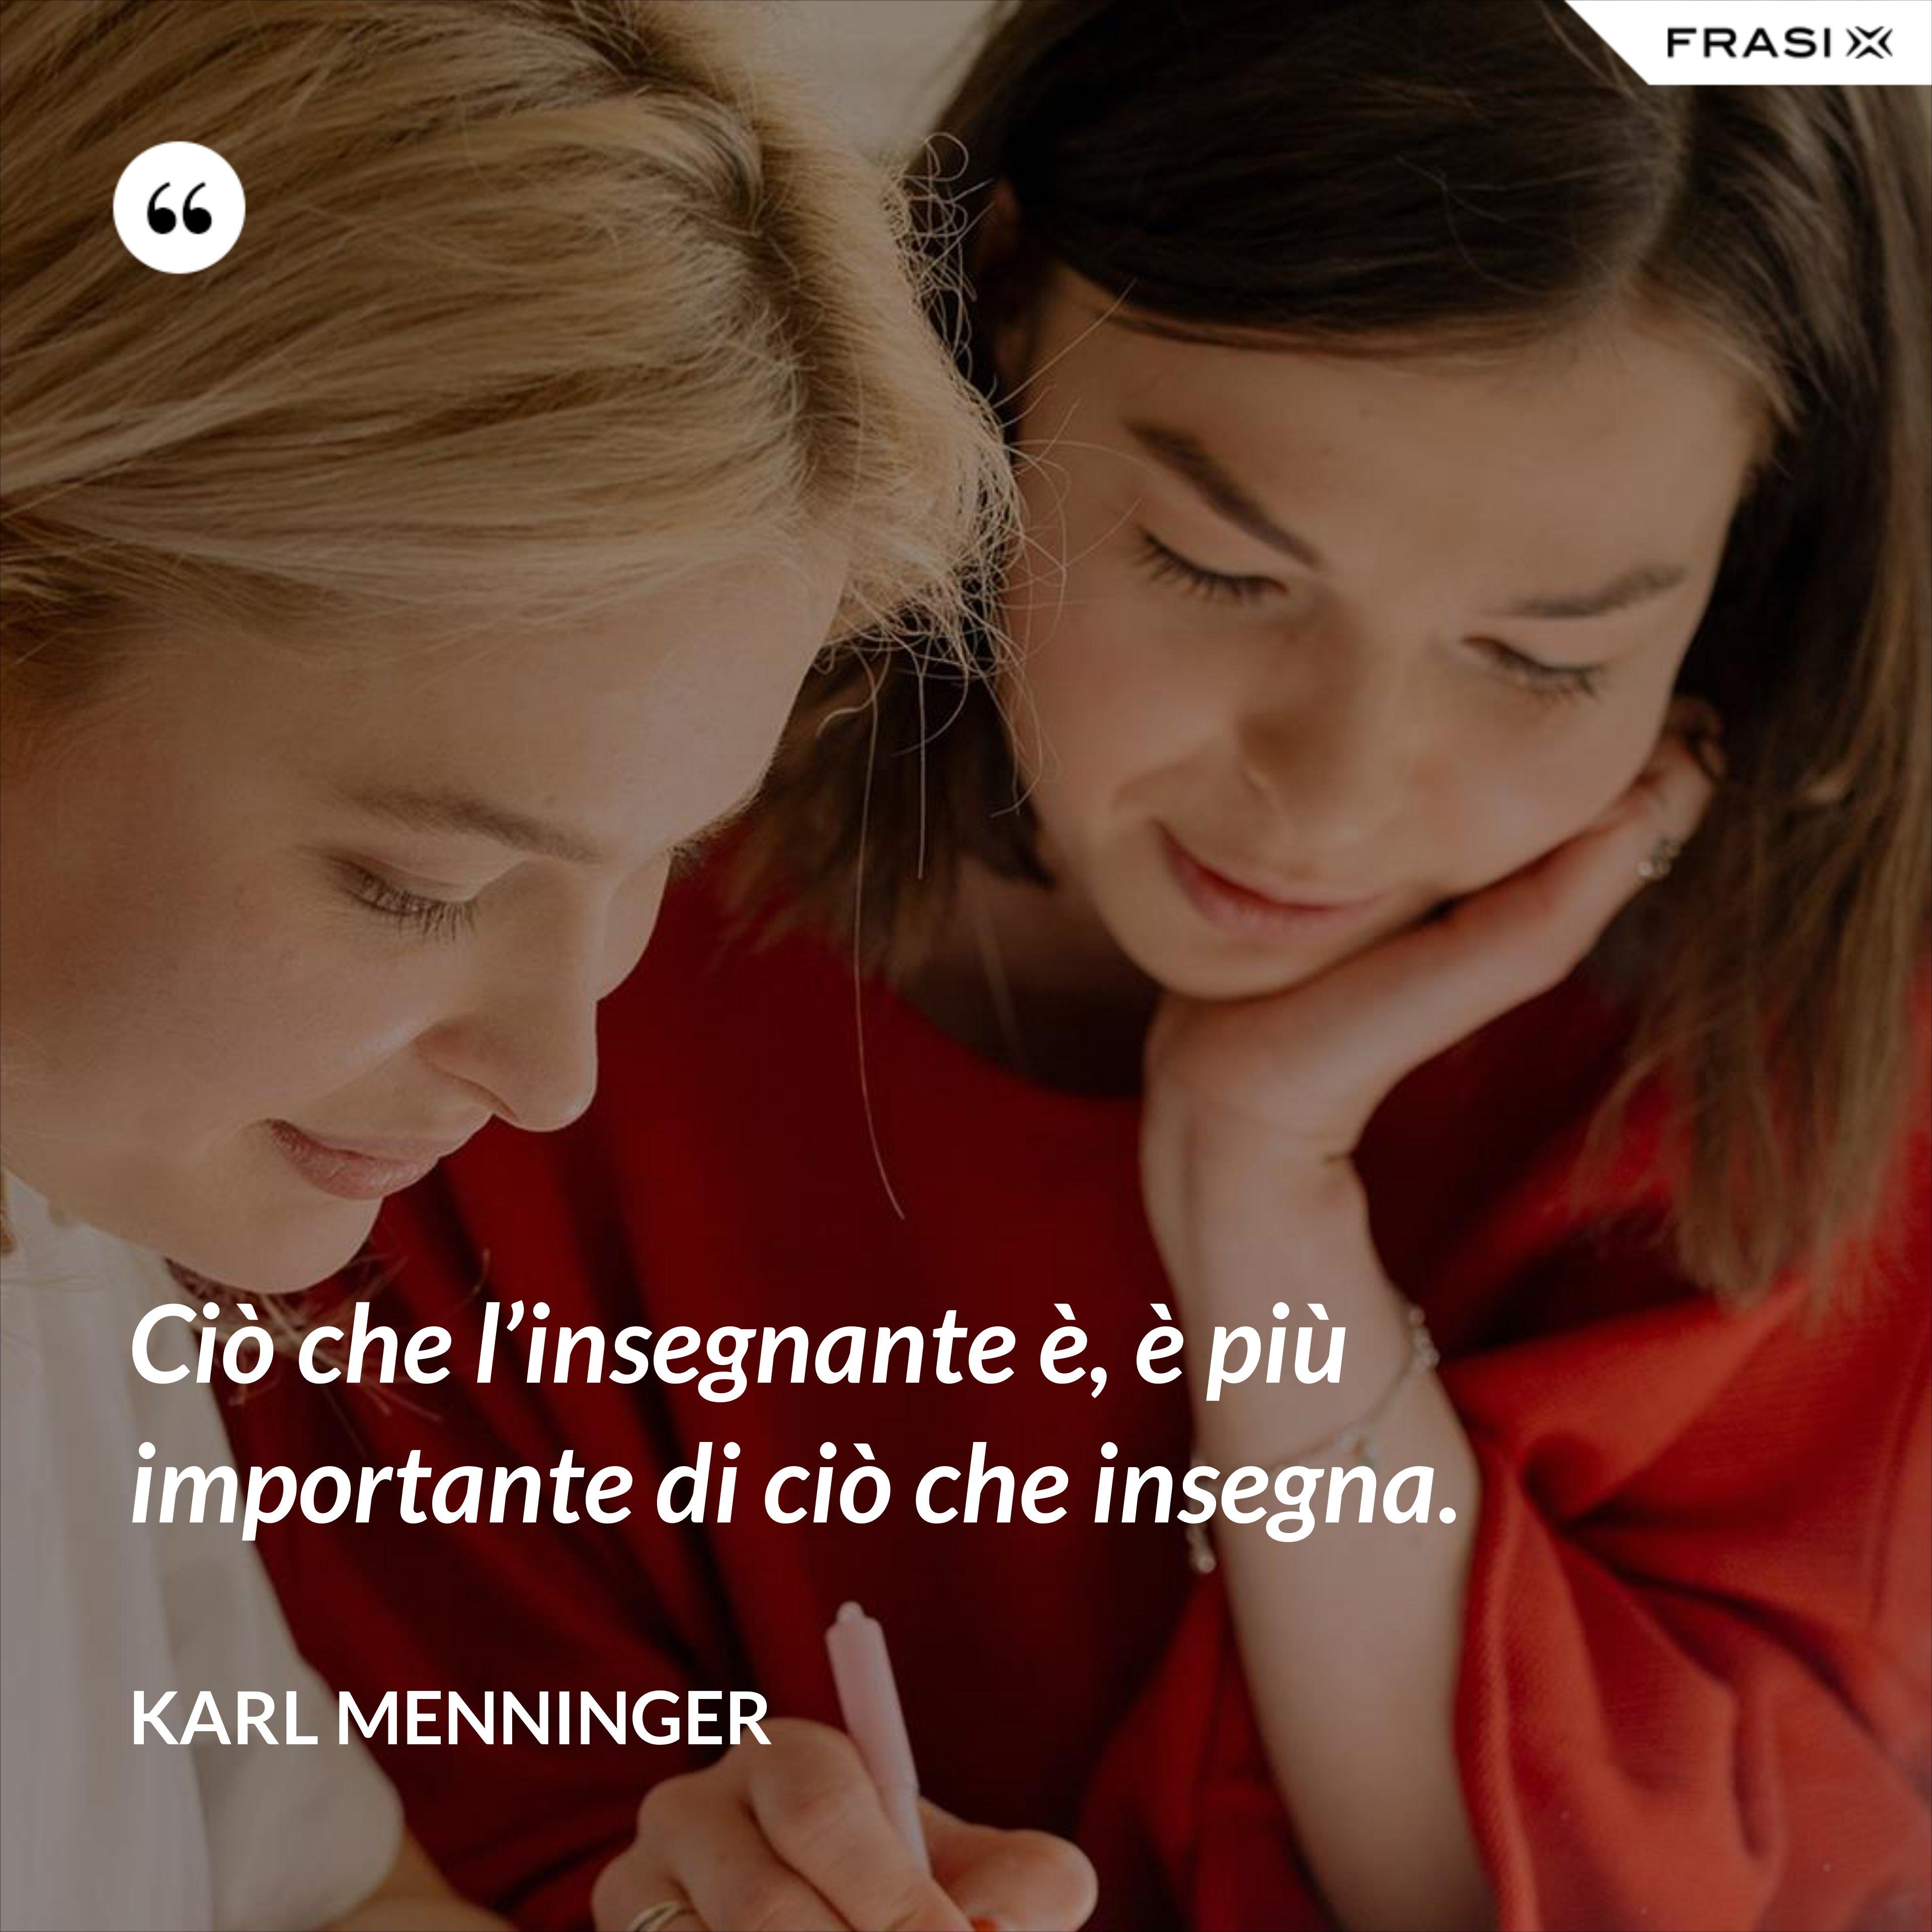 Ciò che l'insegnante è, è più importante di ciò che insegna. - Karl Menninger